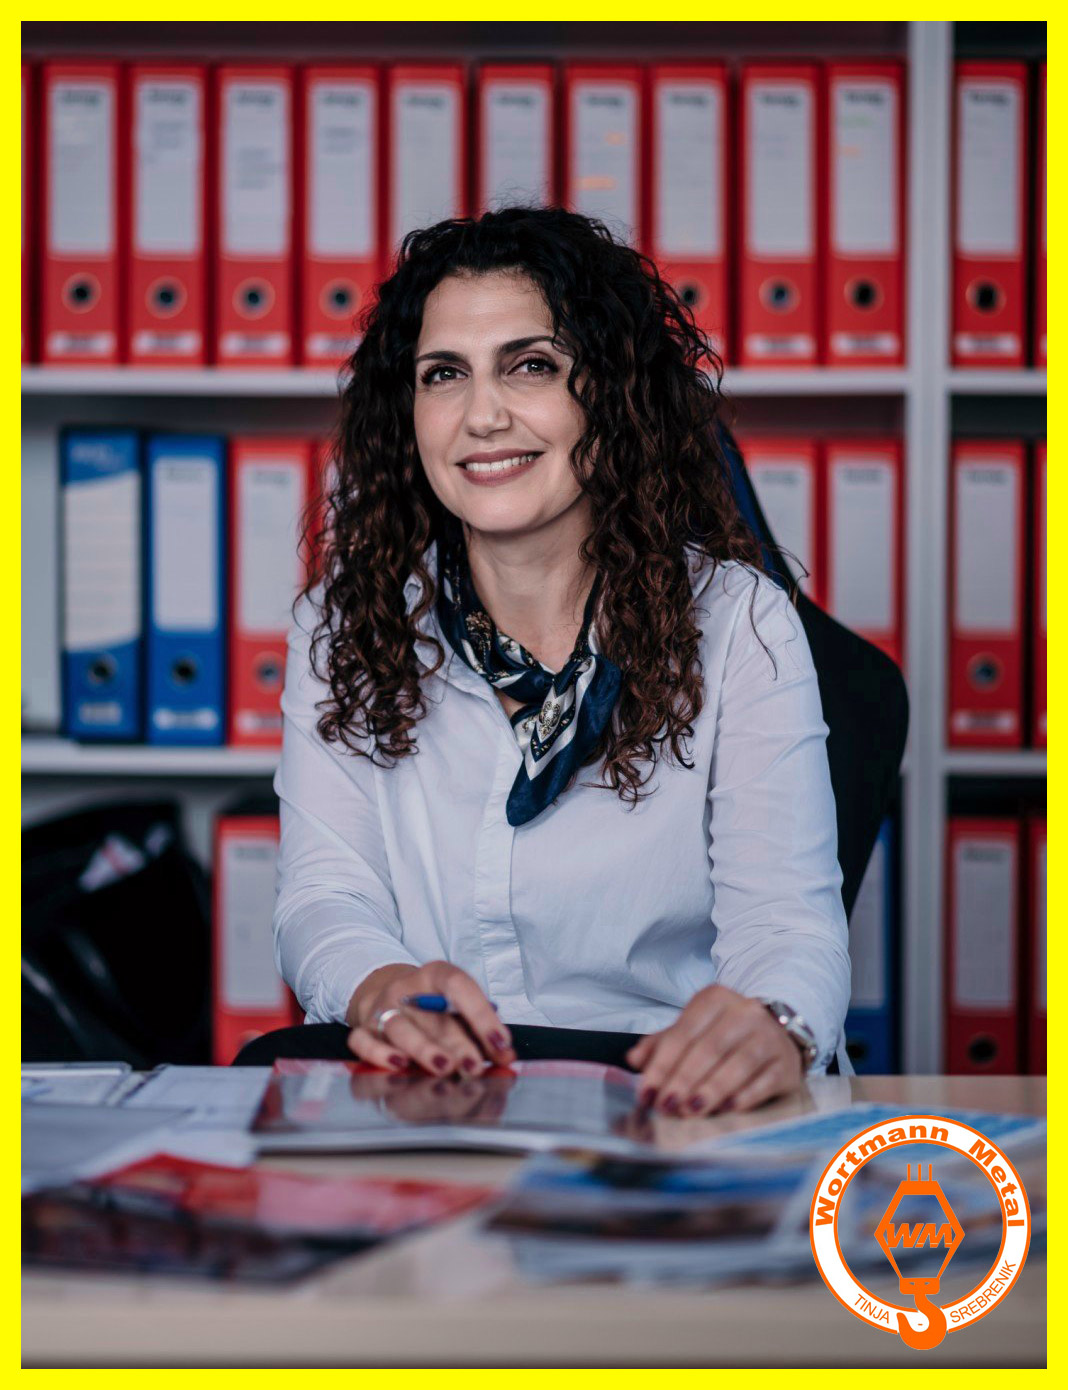 Dijana Sofić - Voditelj najma dizalica.